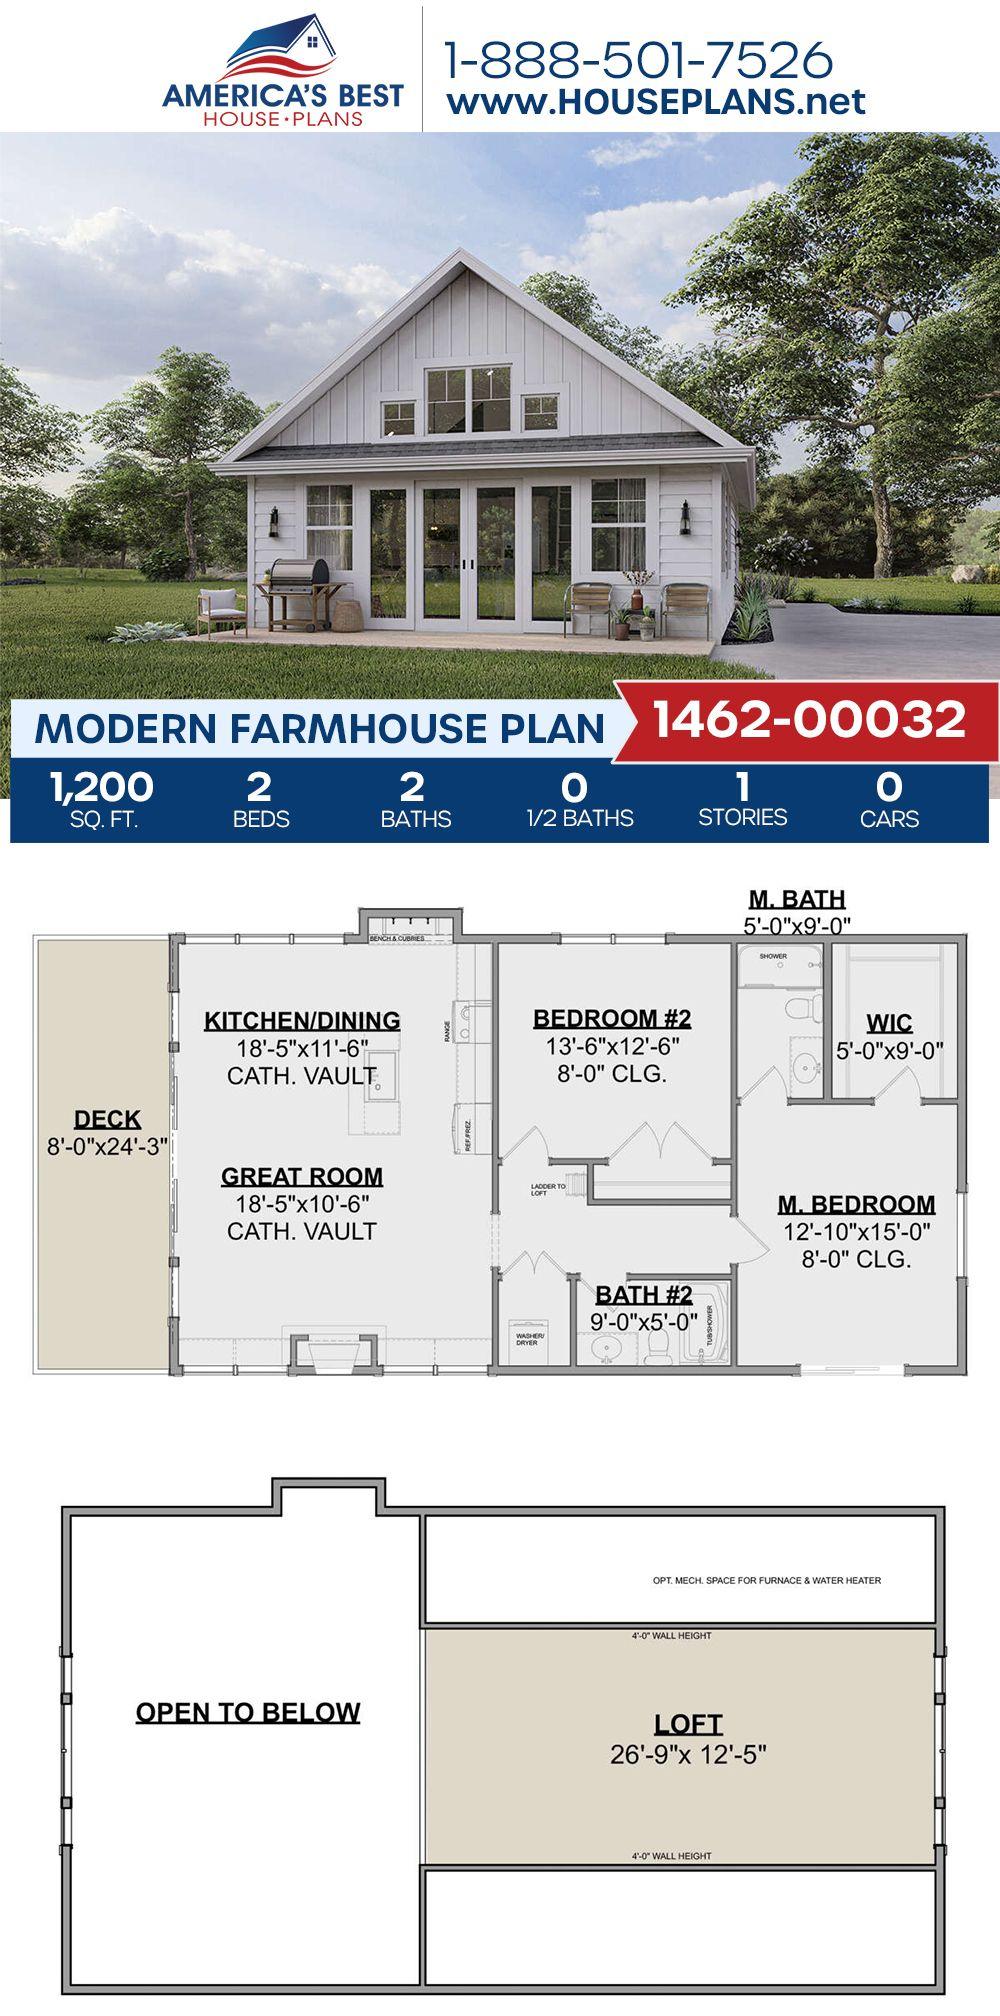 Modern Farmhouse Plan 1462